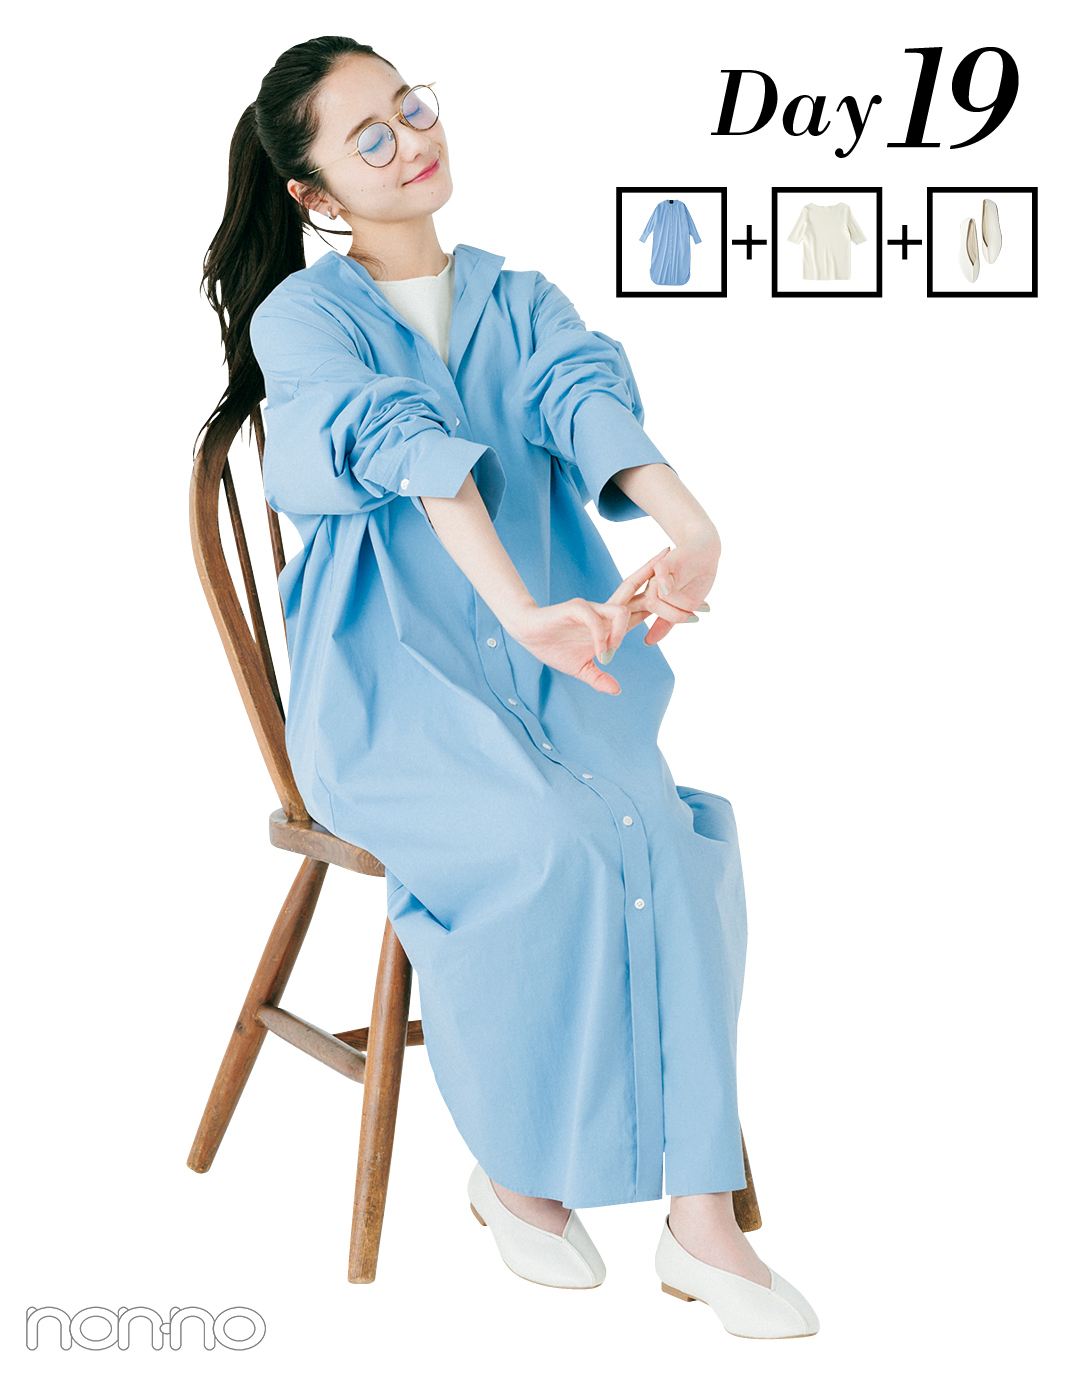 堀田真由の新生活着回しコーデDay19